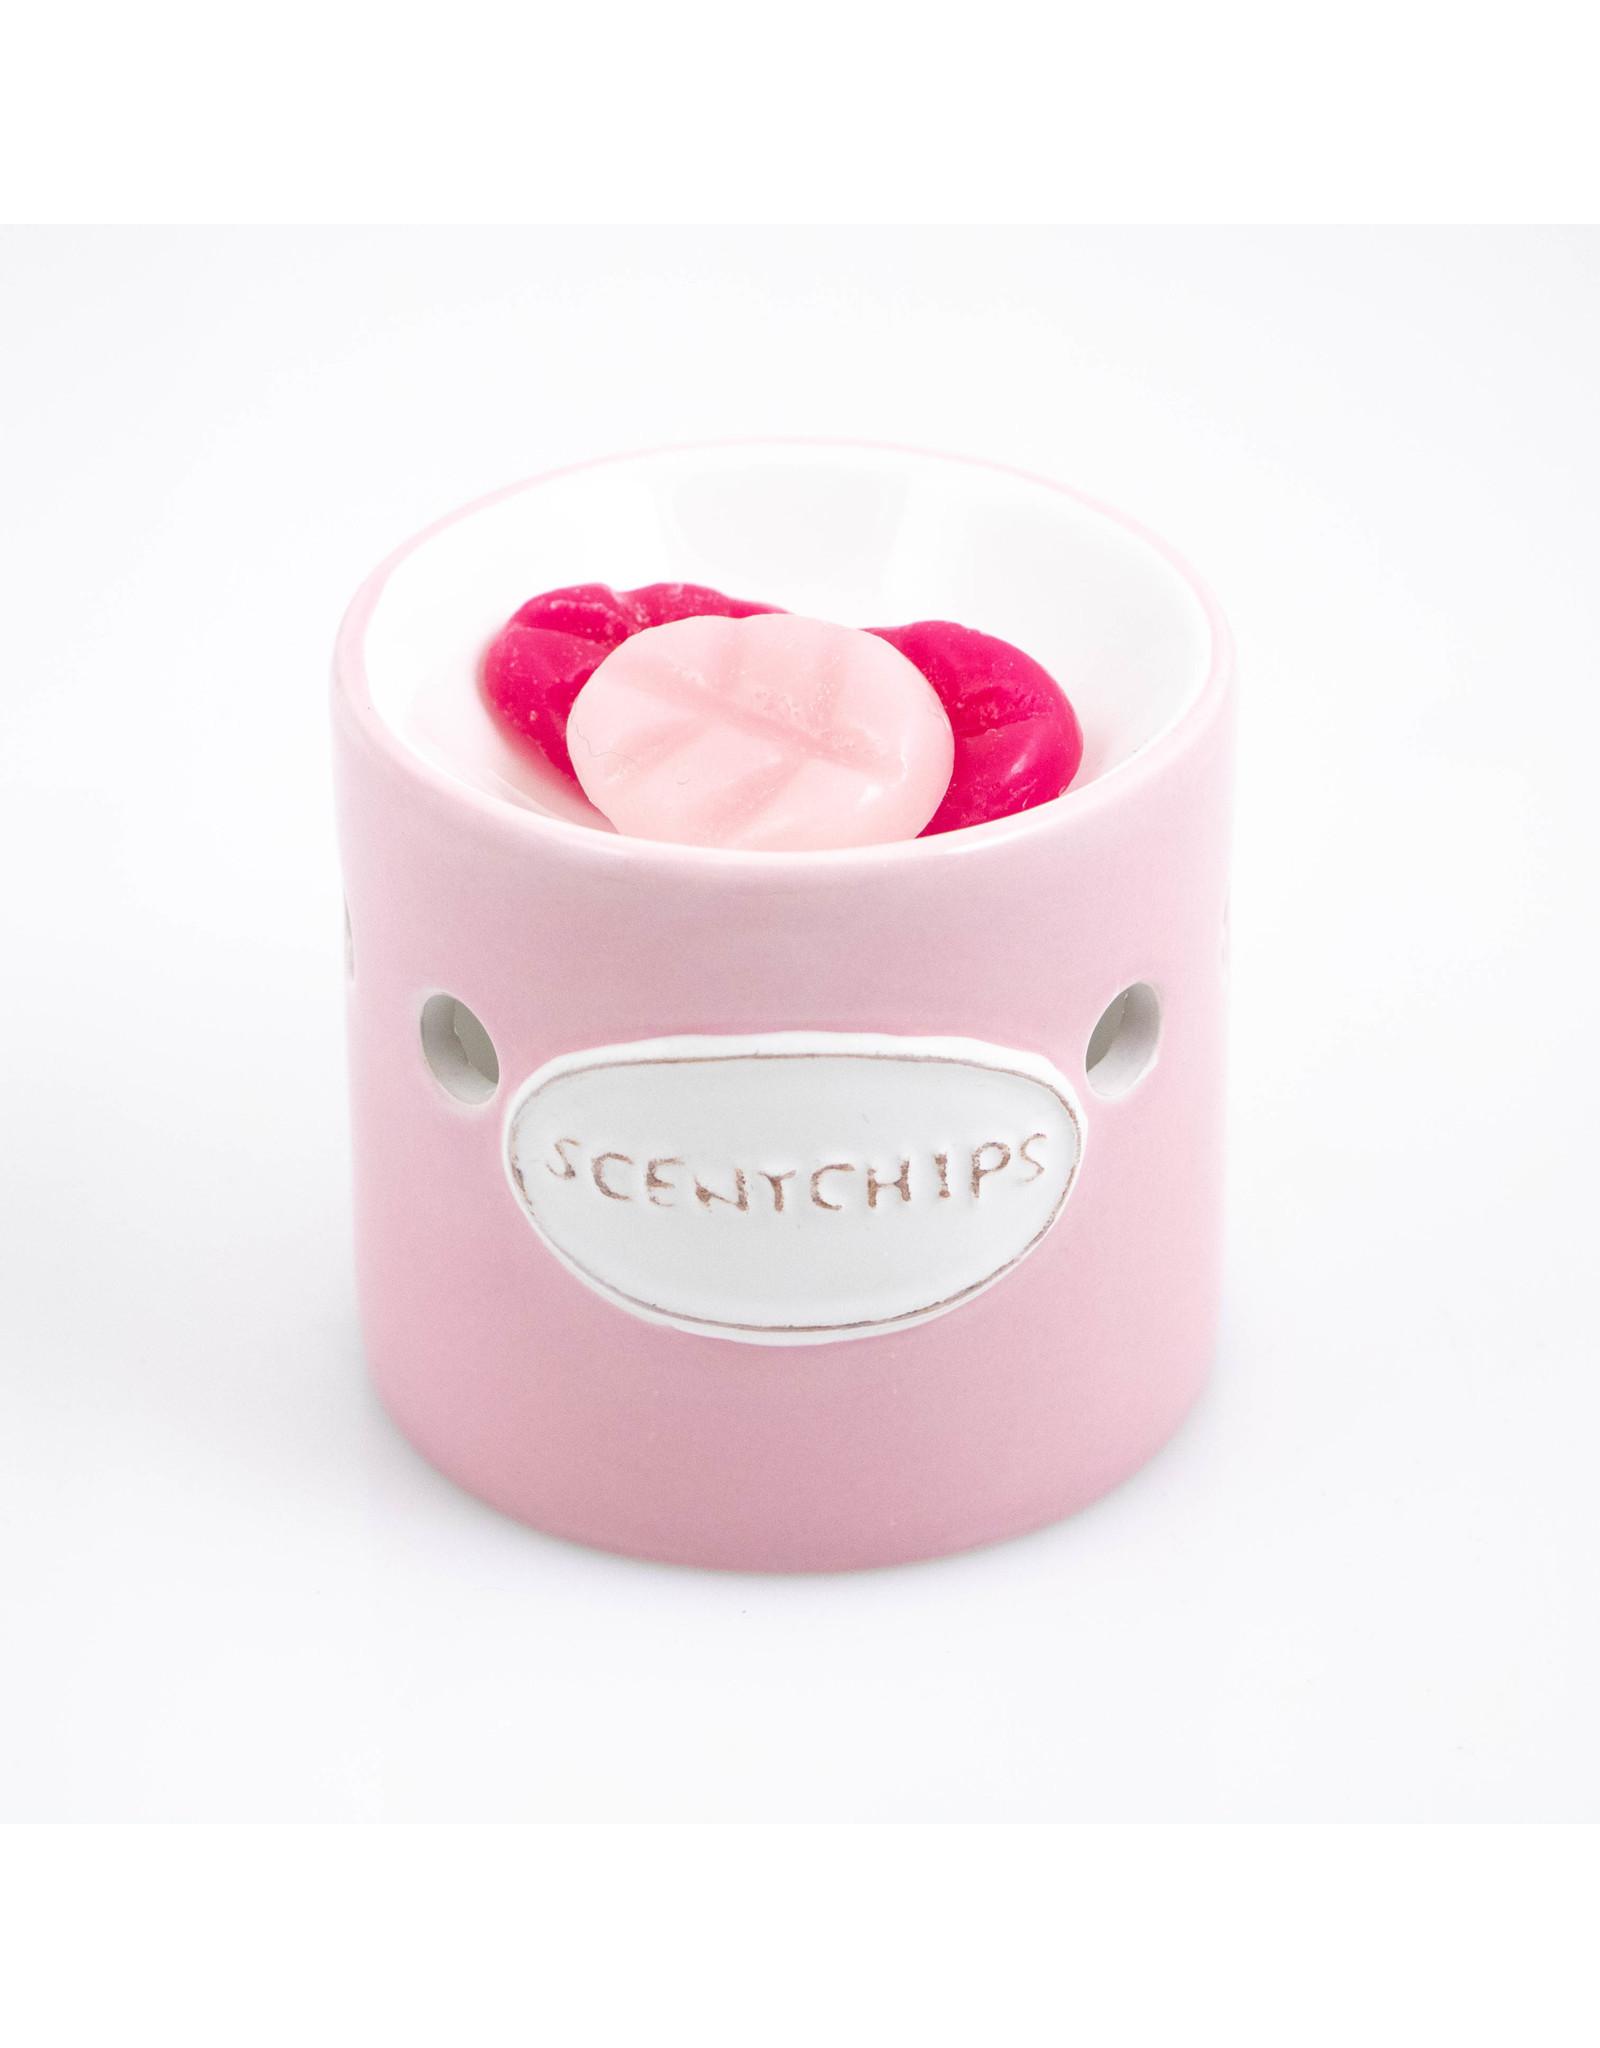 ScentBurner Scentchips Logo Pink